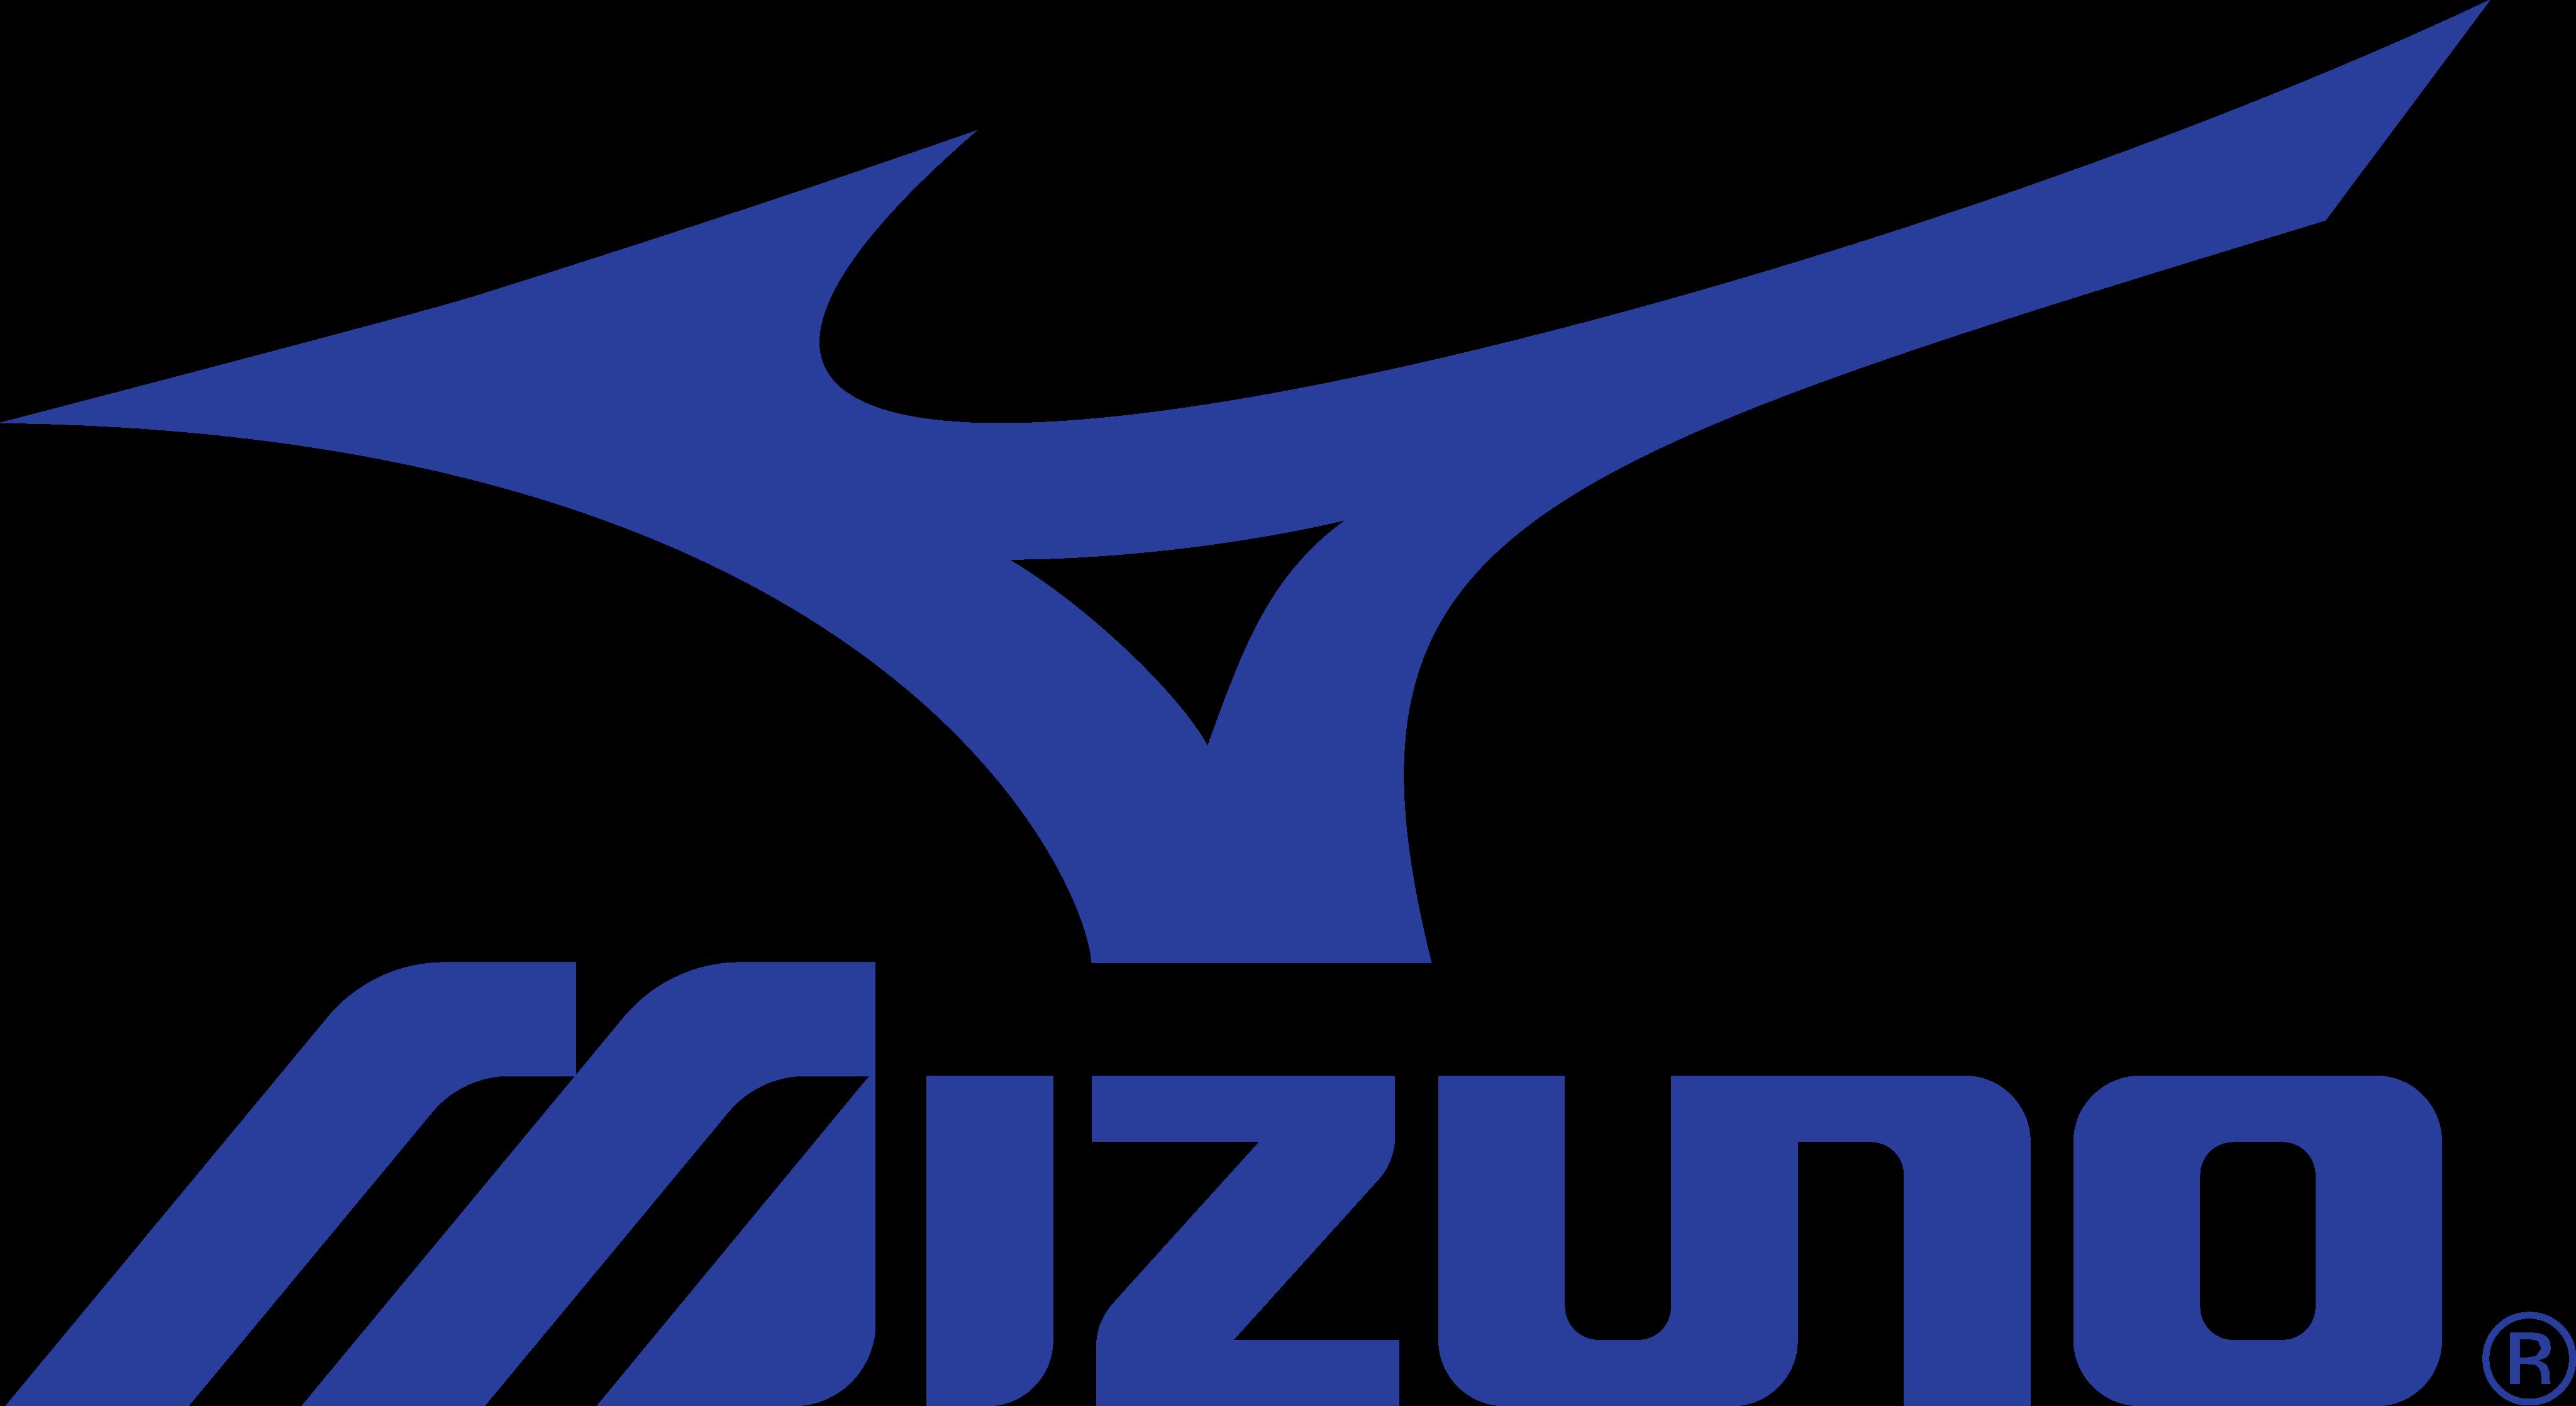 mizuno logo 6 - Mizuno Logo